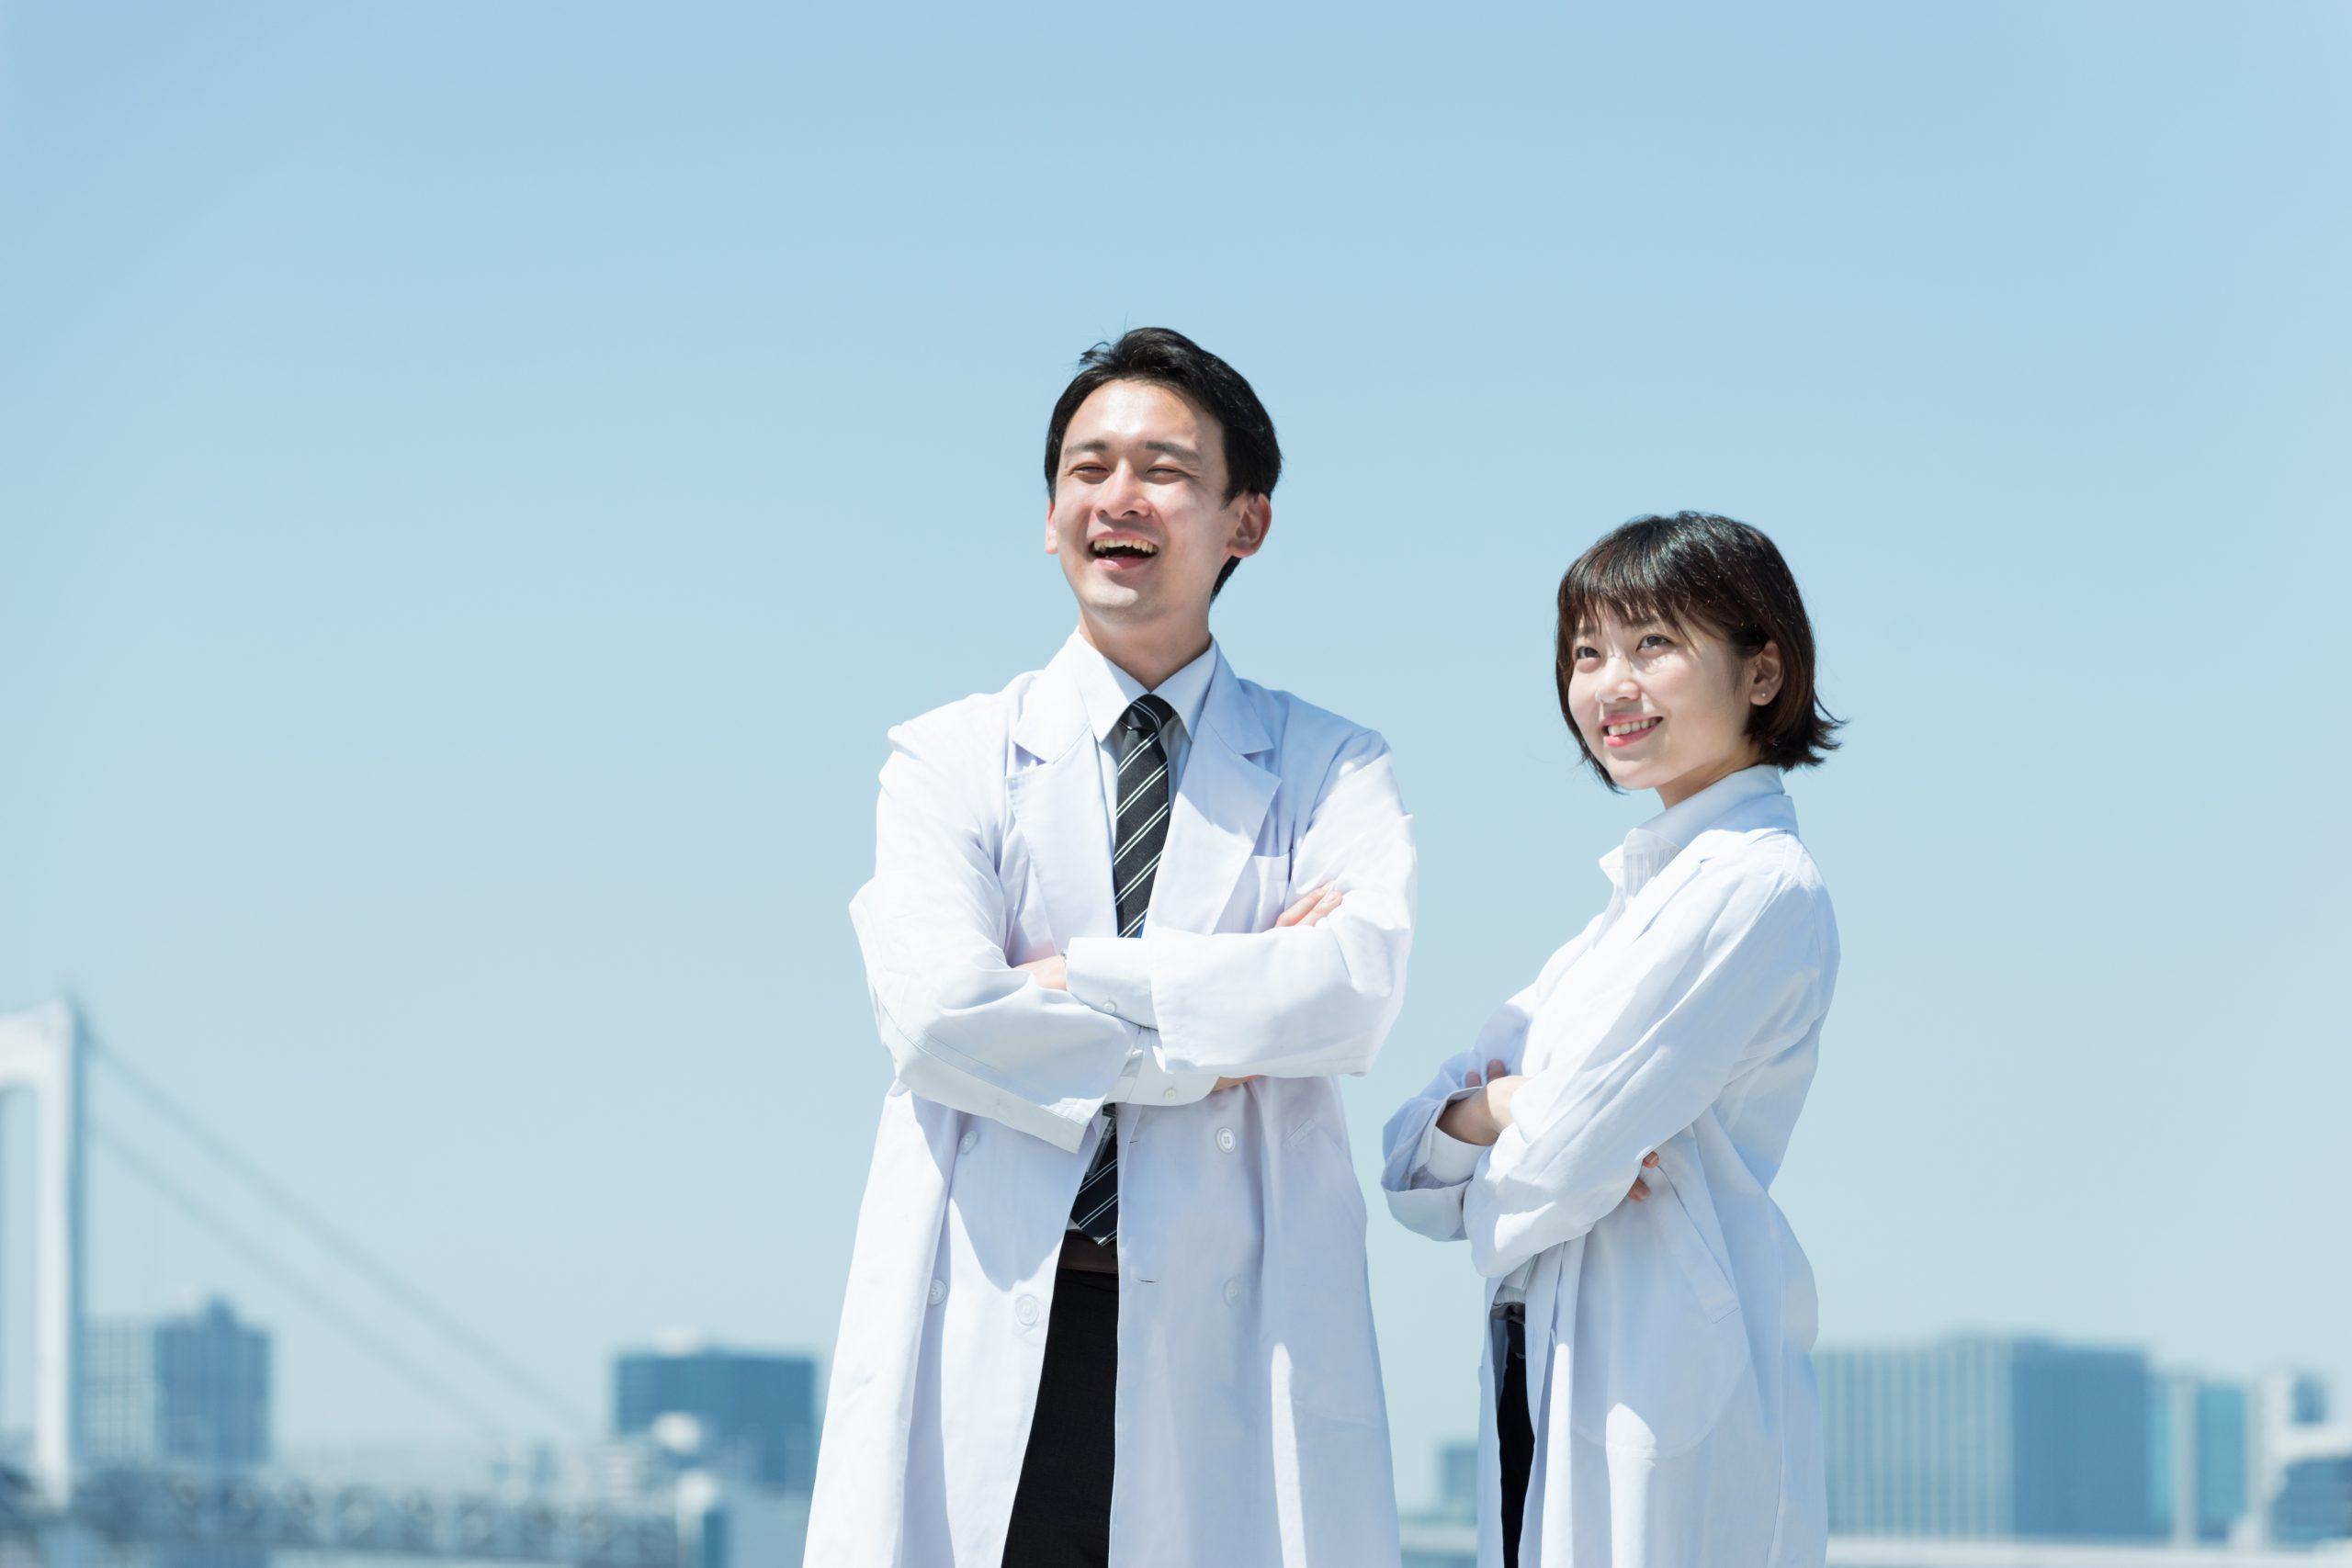 研究者 白衣を着た男女